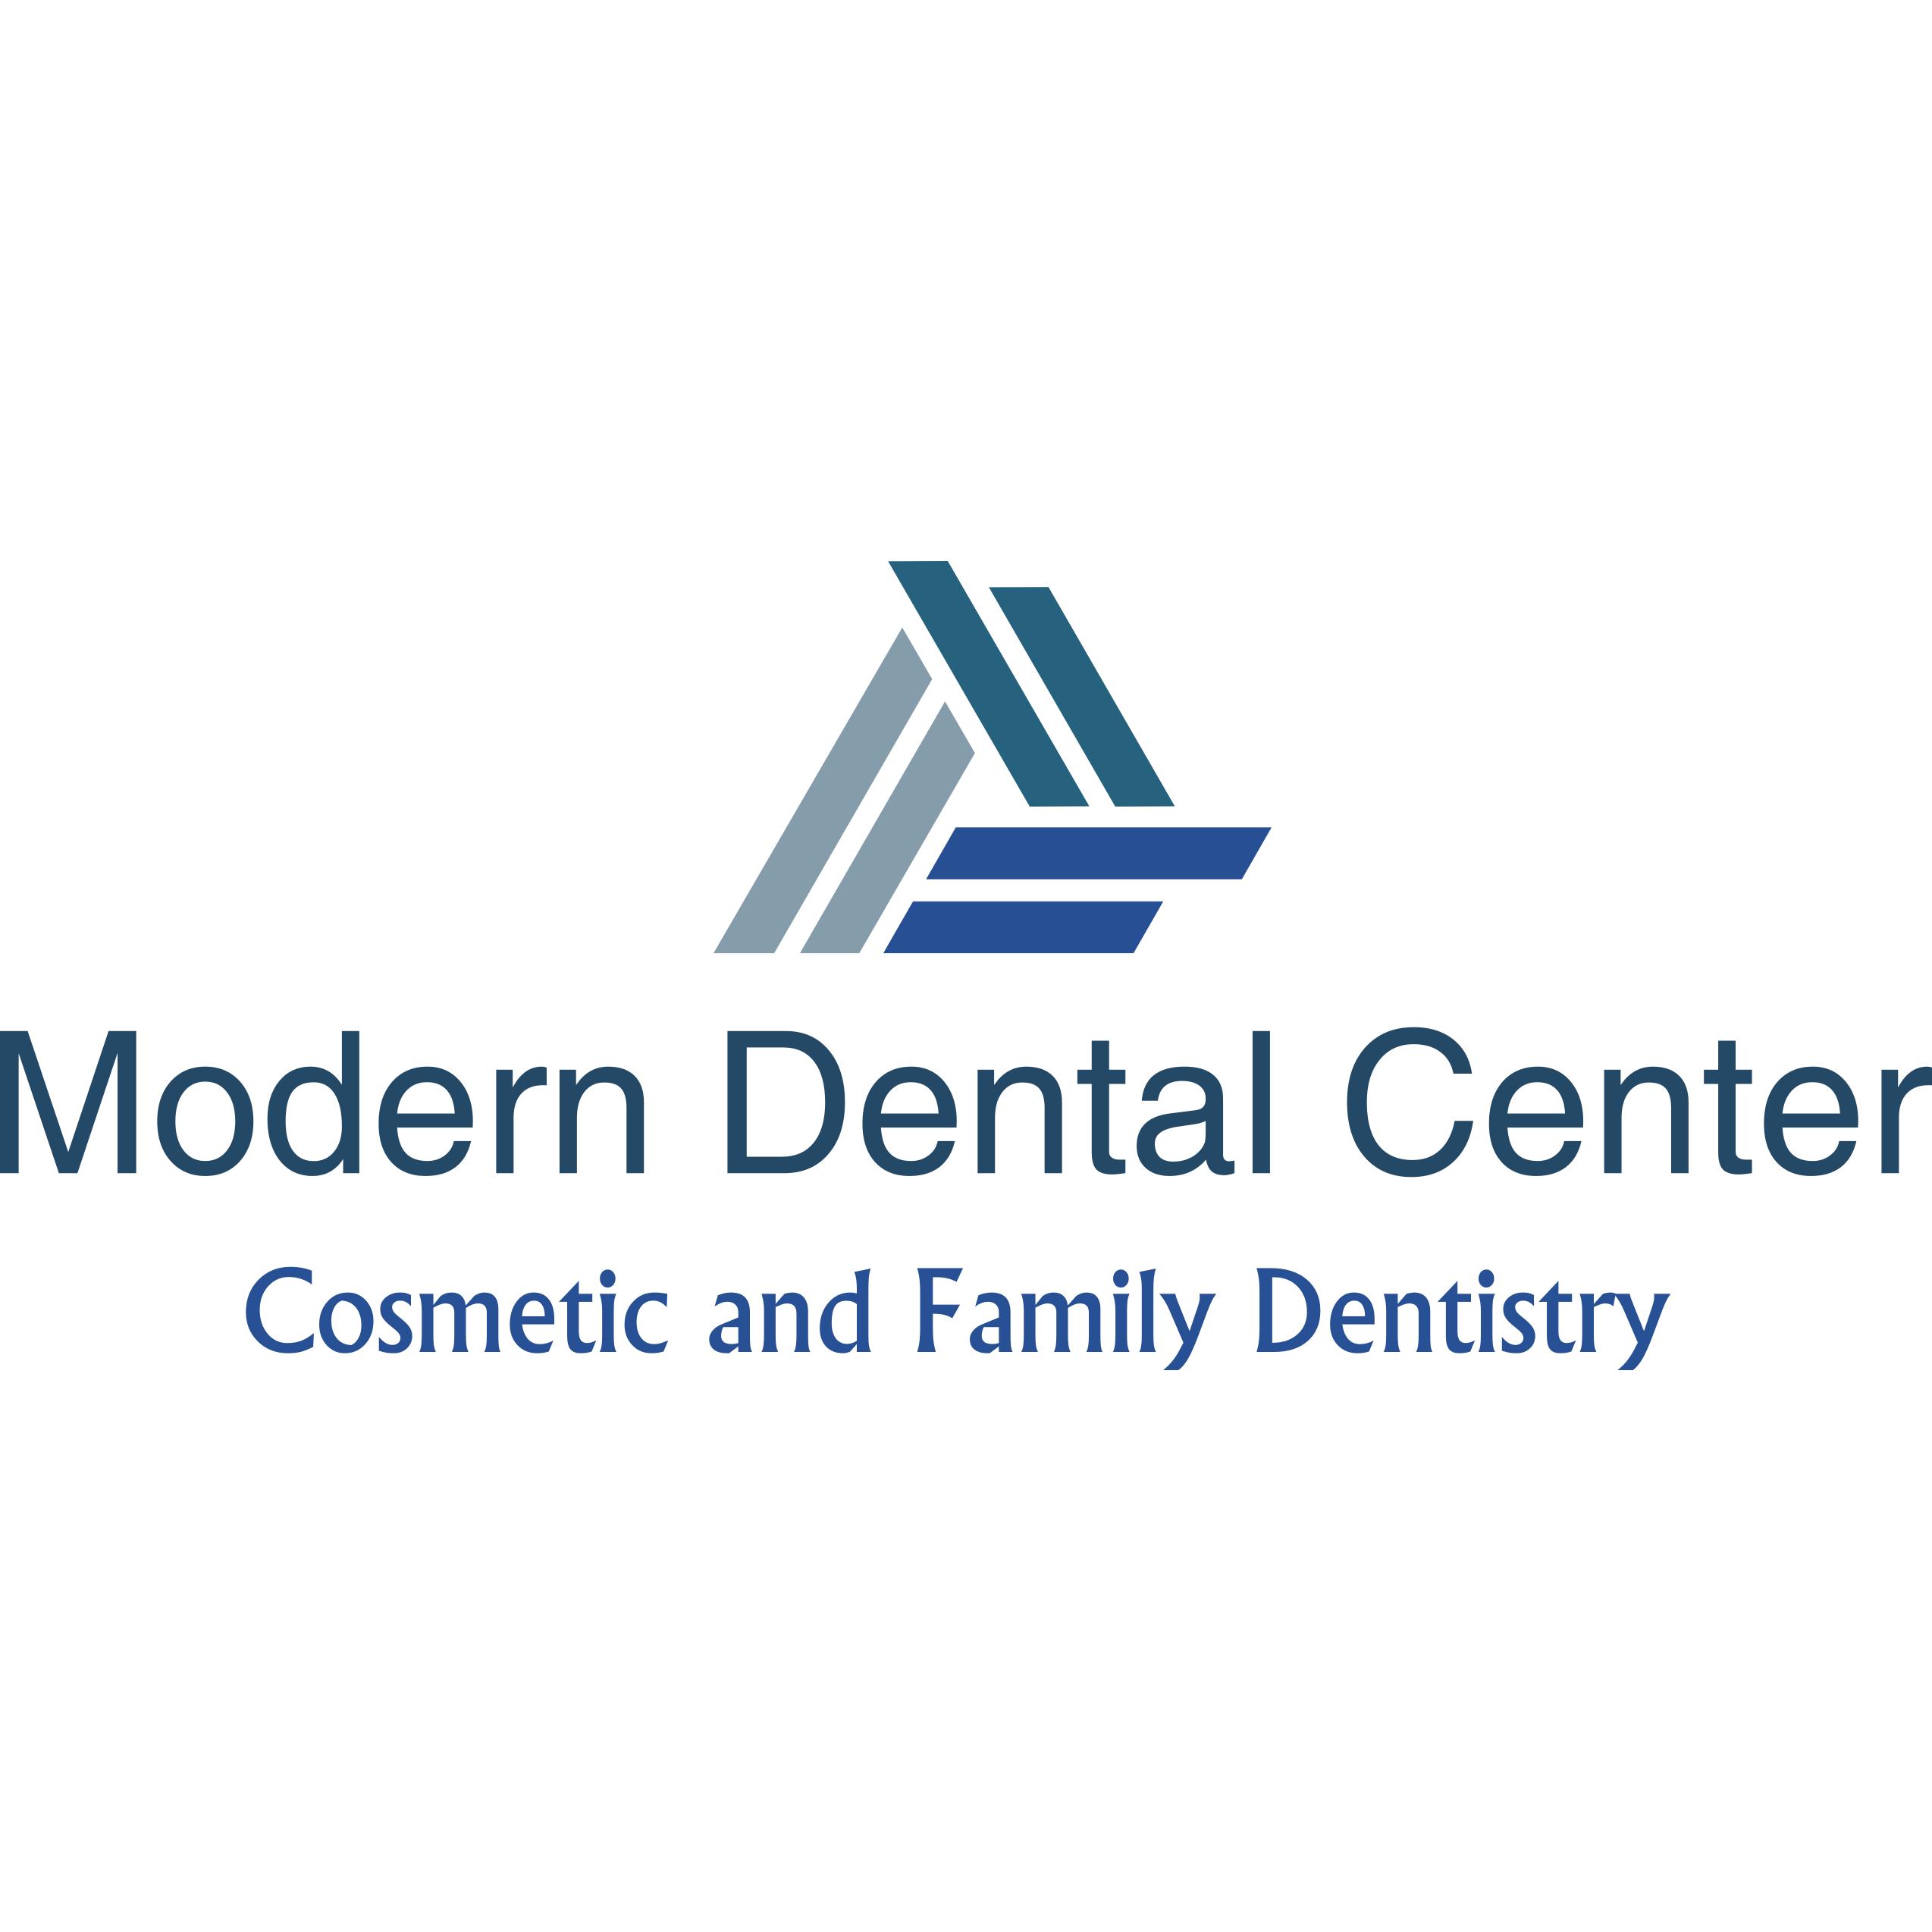 Modern Dental Center